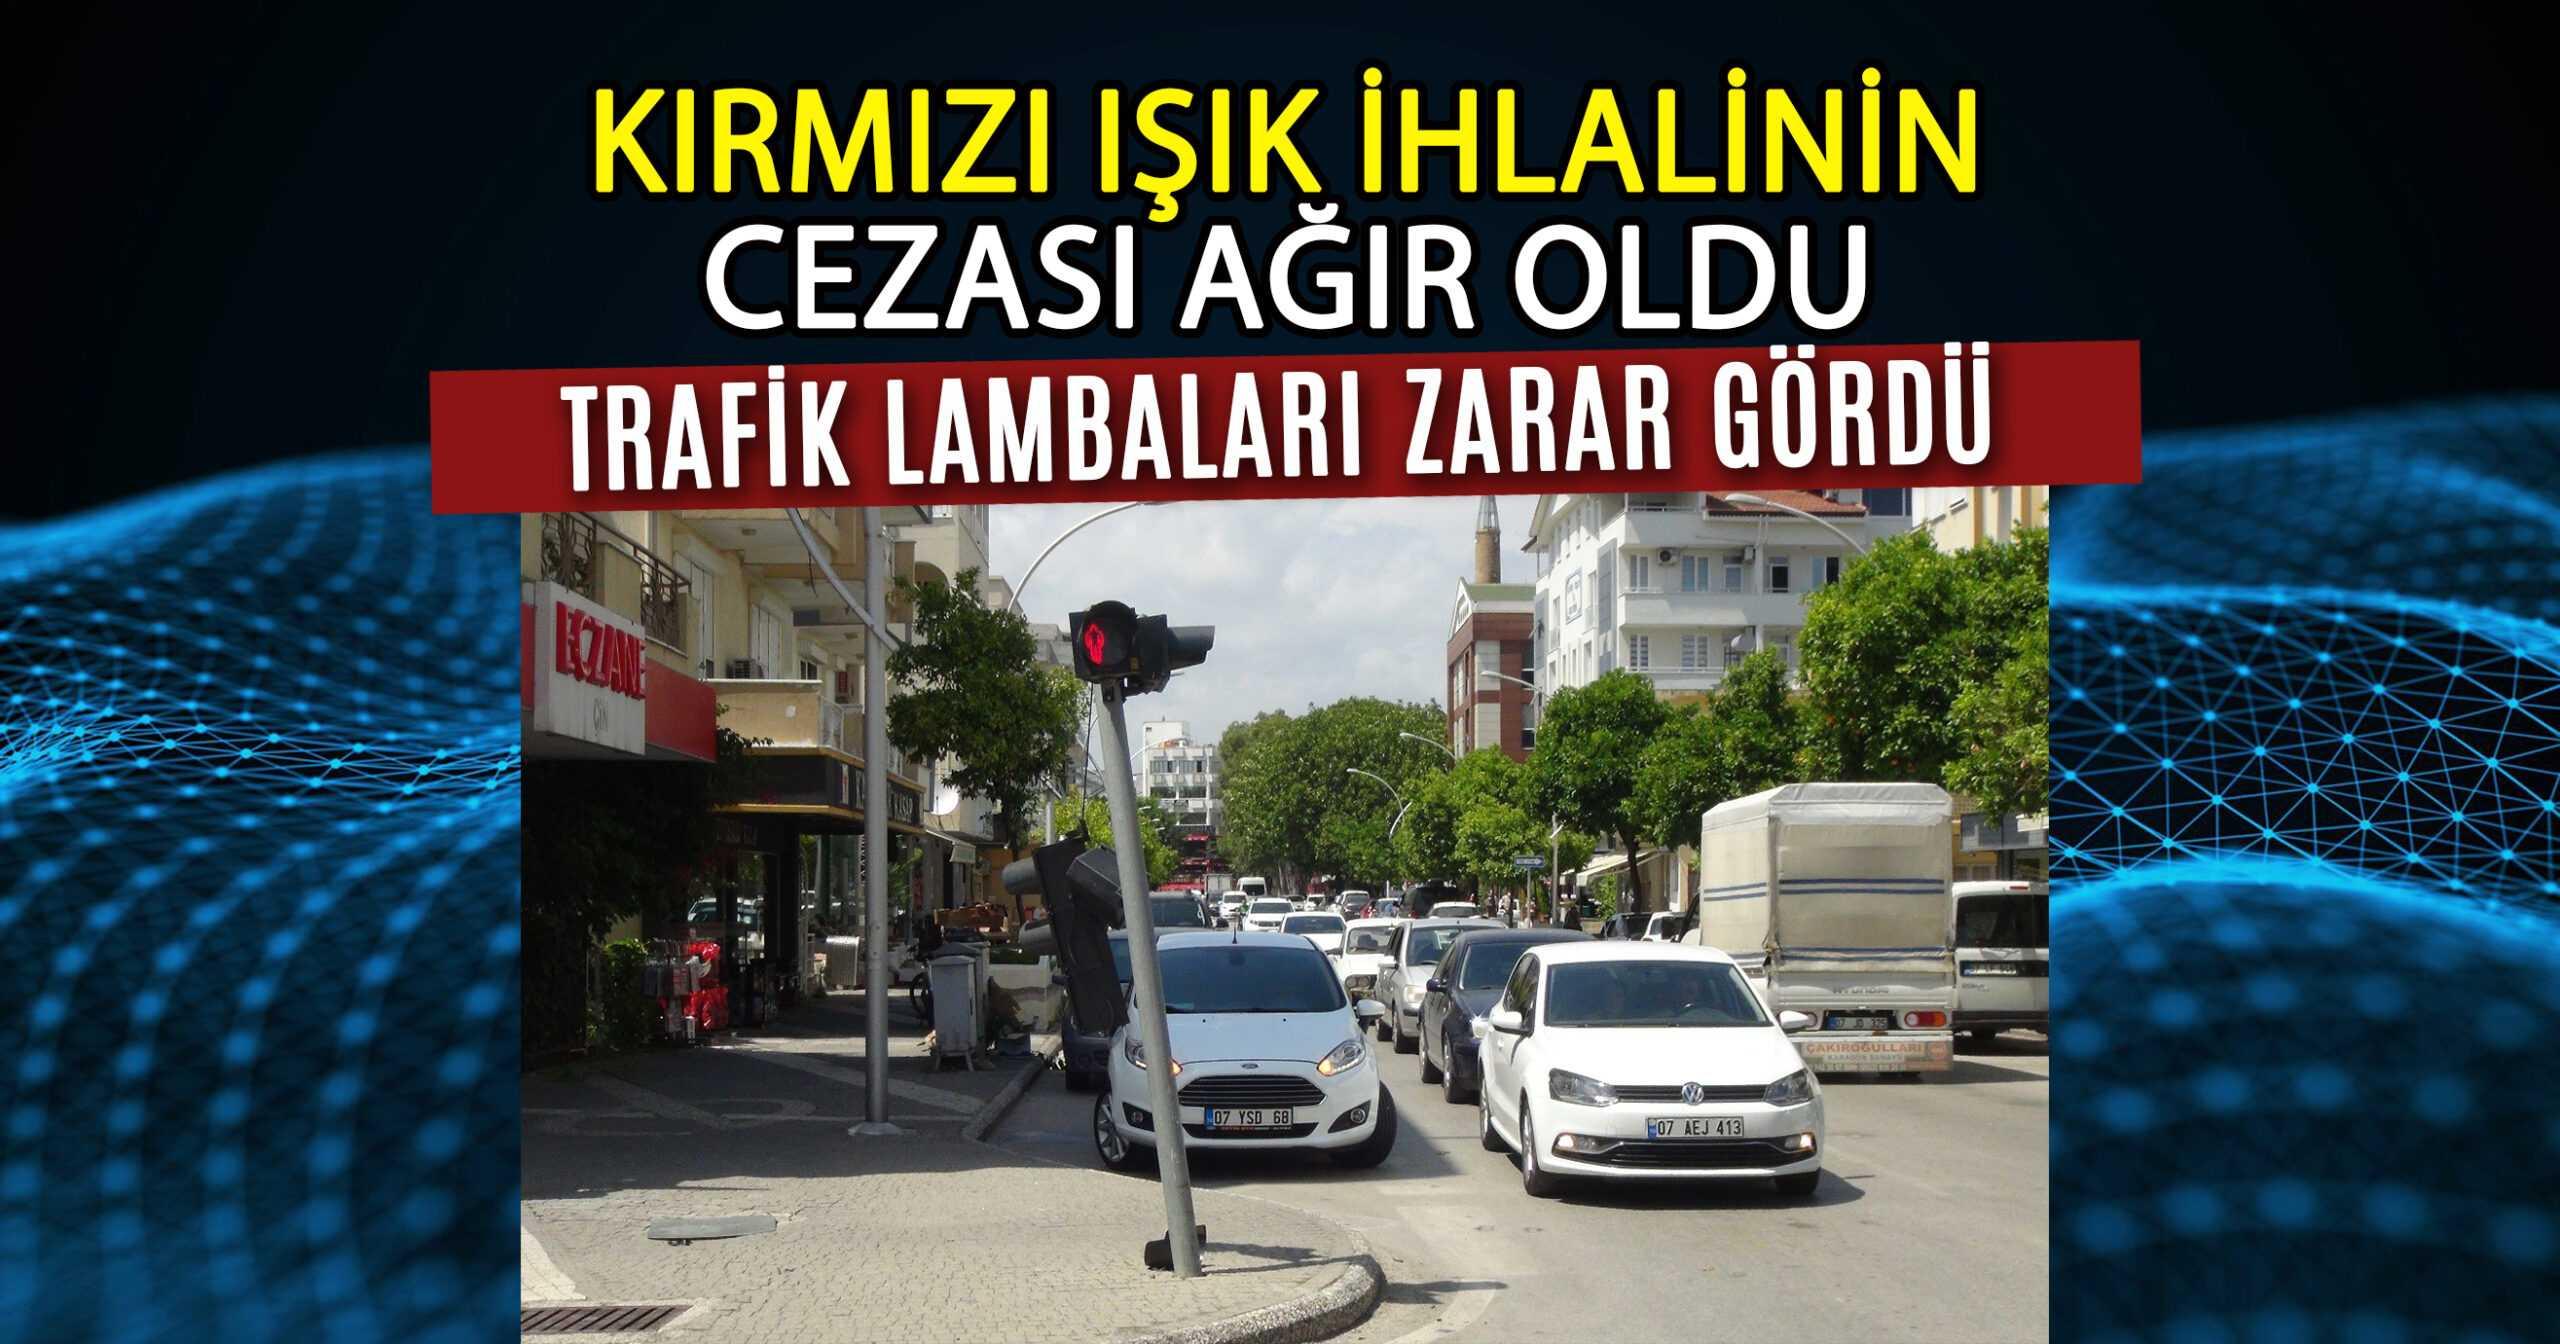 TRAFİK LAMBASINA ÇARPARAK DURABİLDİ